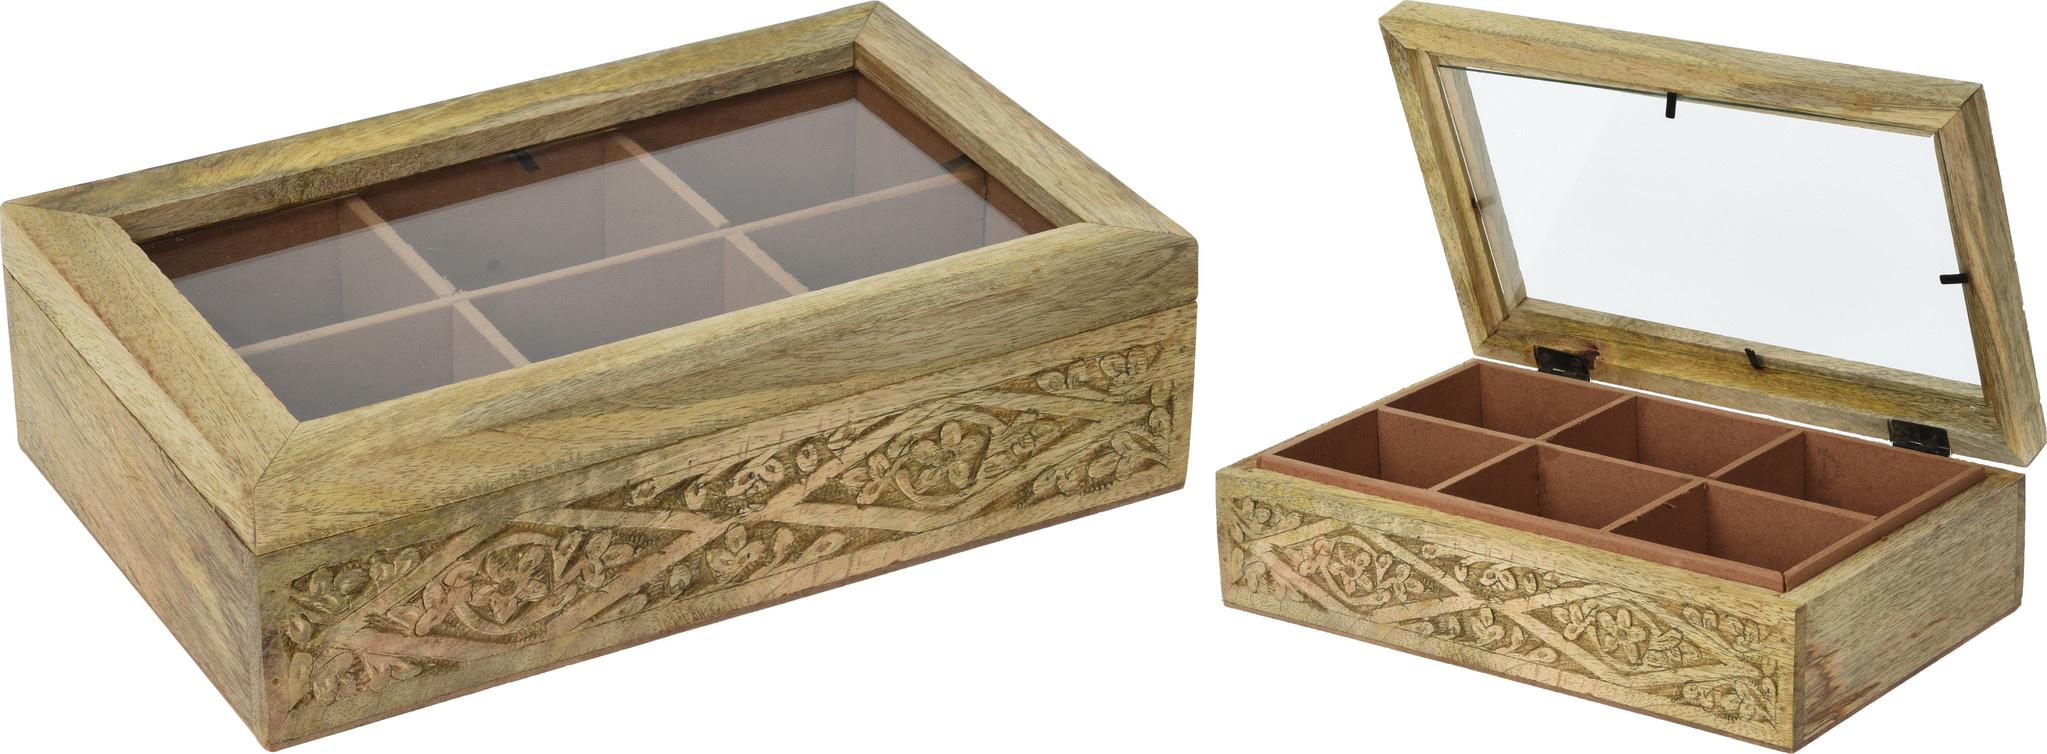 Theekist hout 6 vaks met motief